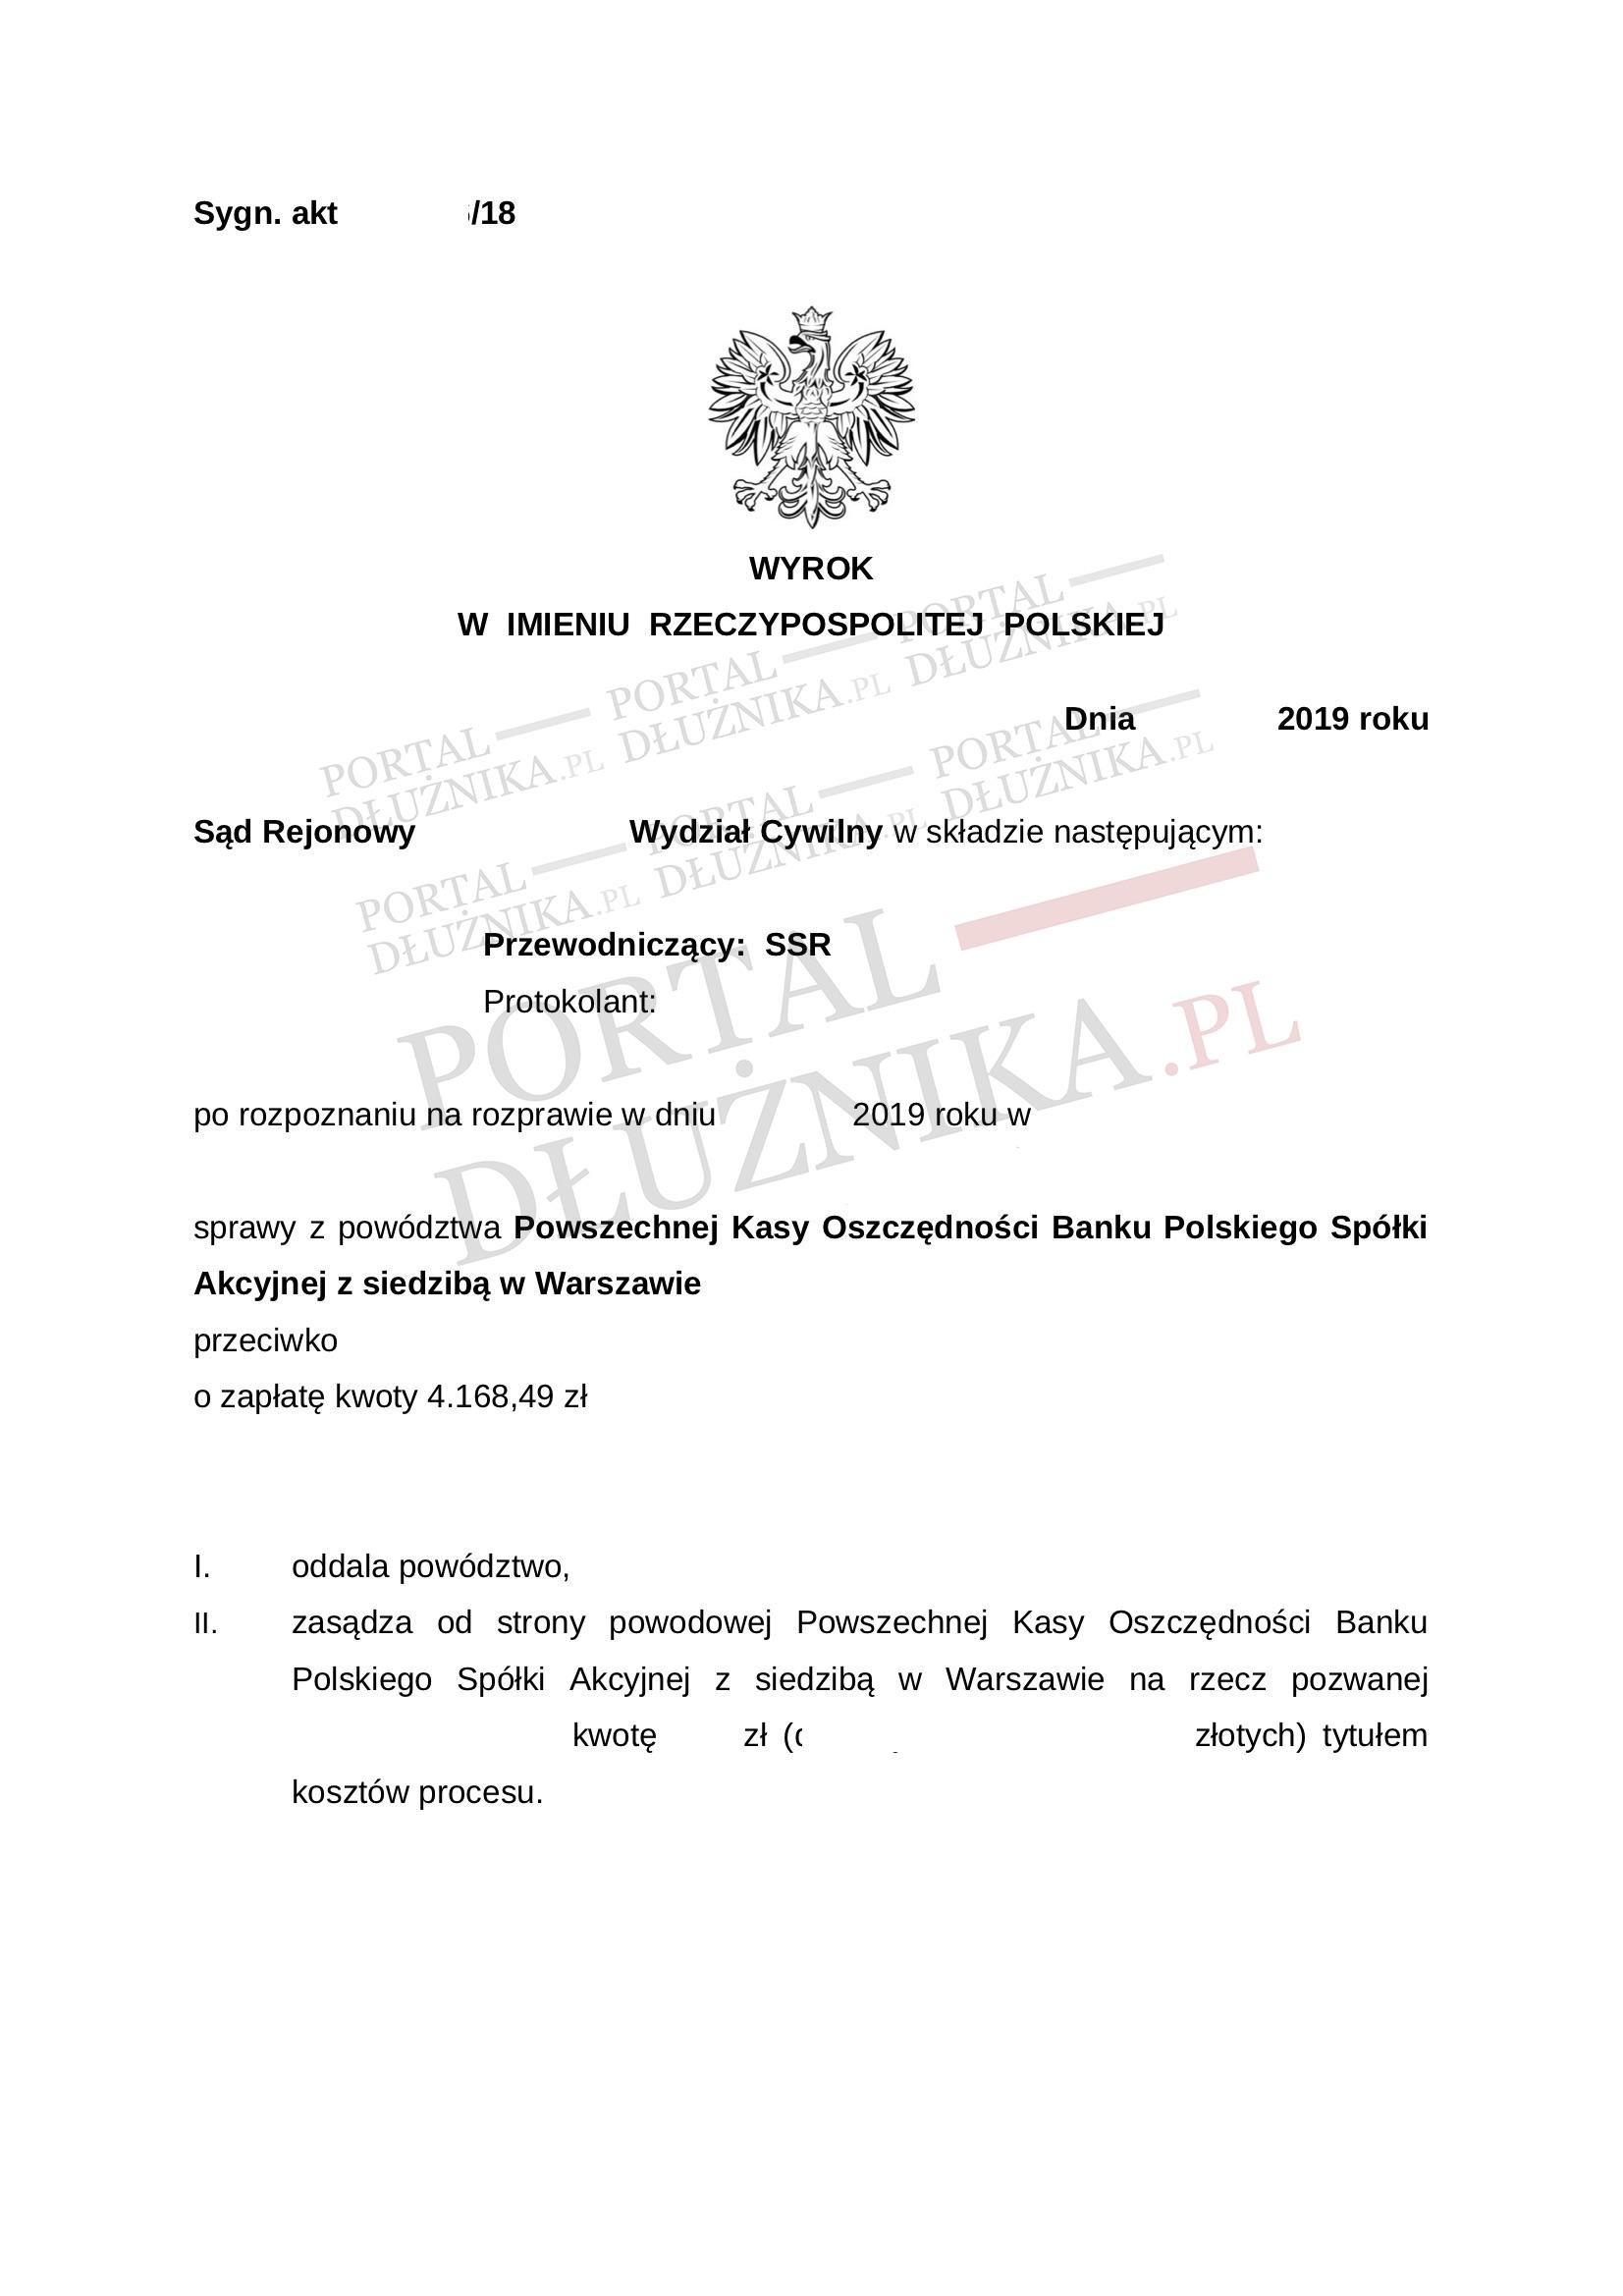 Powództwo PKO BP